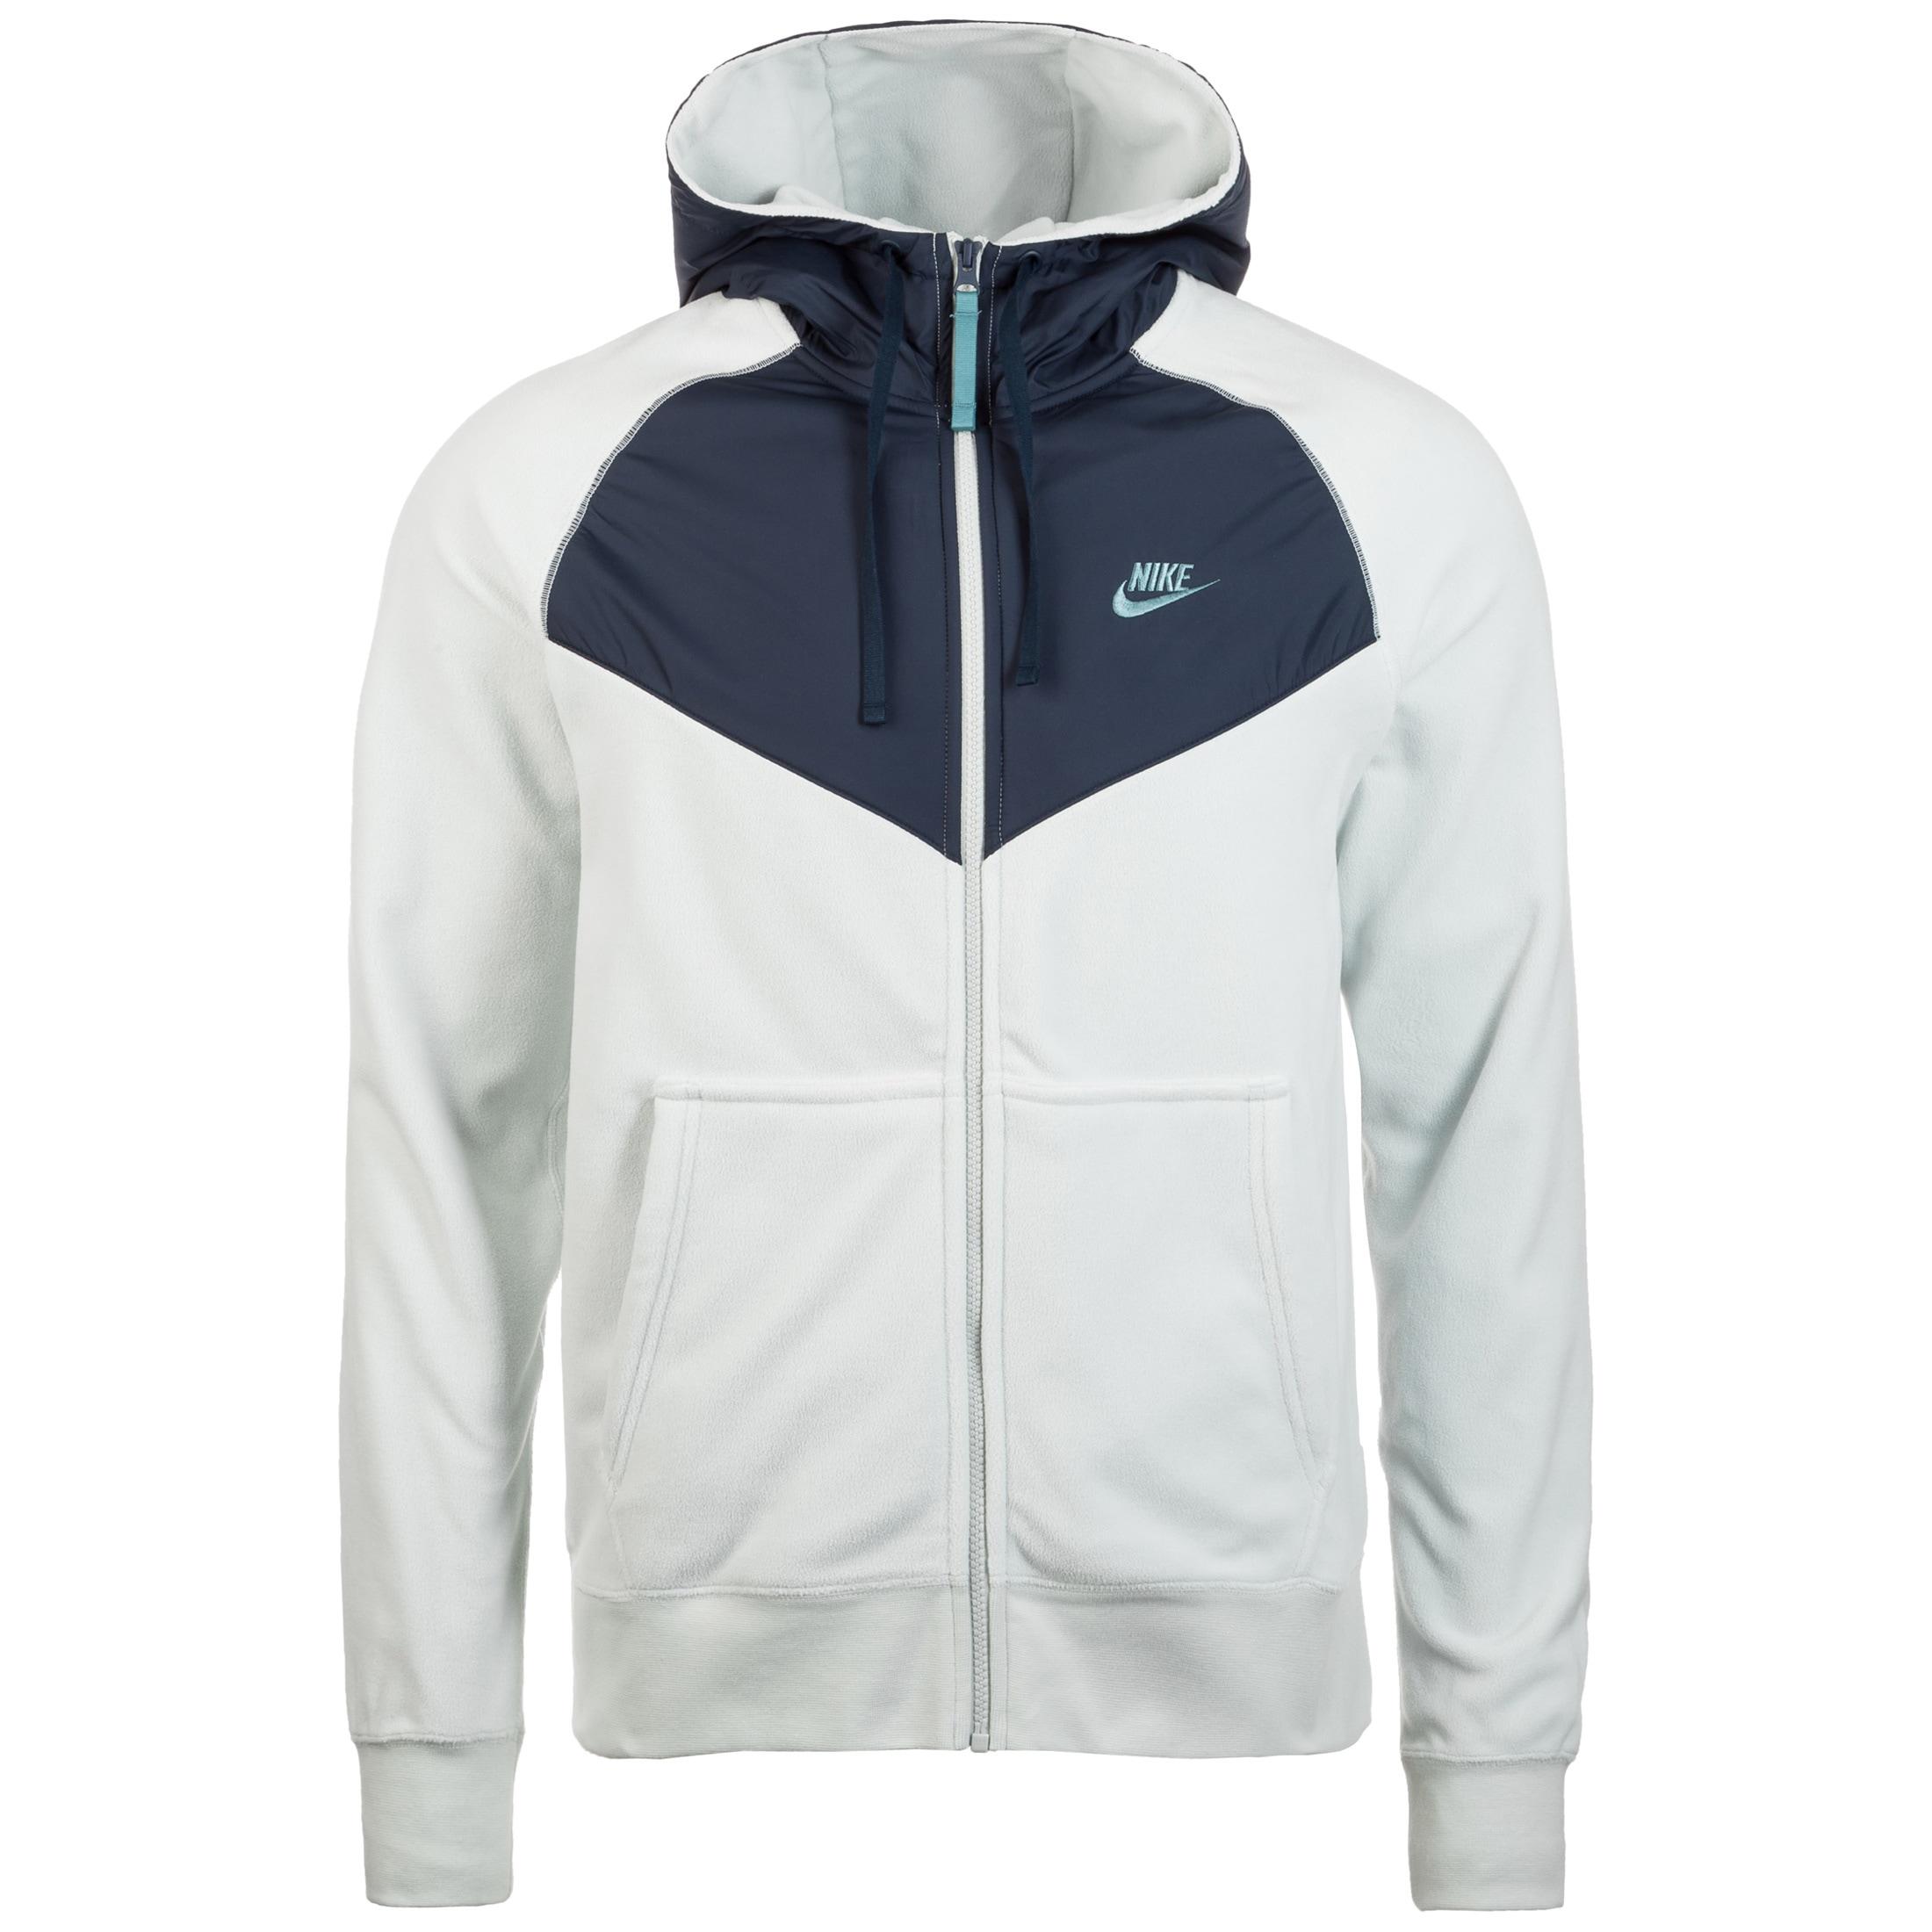 Nike Sportswear Kapuzensweatjacke Core Winter   Sportbekleidung > Sportjacken > Sonstige Sportjacken   Fleece   Nike Sportswear